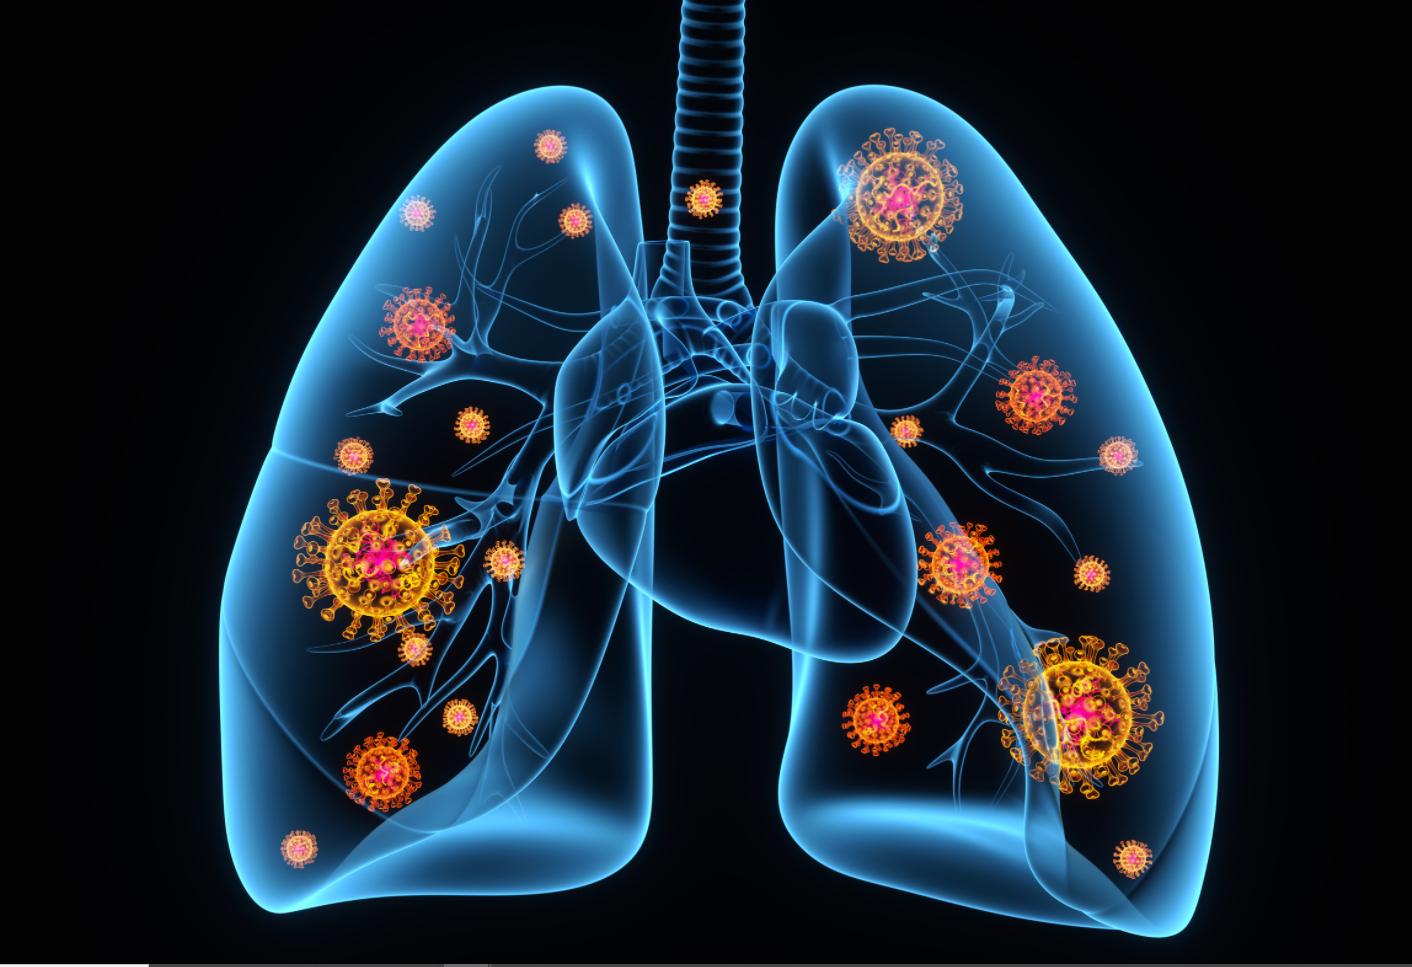 न सास फुल्यो, न कोरोनाको कुनै लक्षण, तर पनि २४ घण्टामा अक्सिजन लेभल ५० सम्म पुग्यो, कतै यो 'ह्याप्पी हाइपोक्सिया' त होइन ?